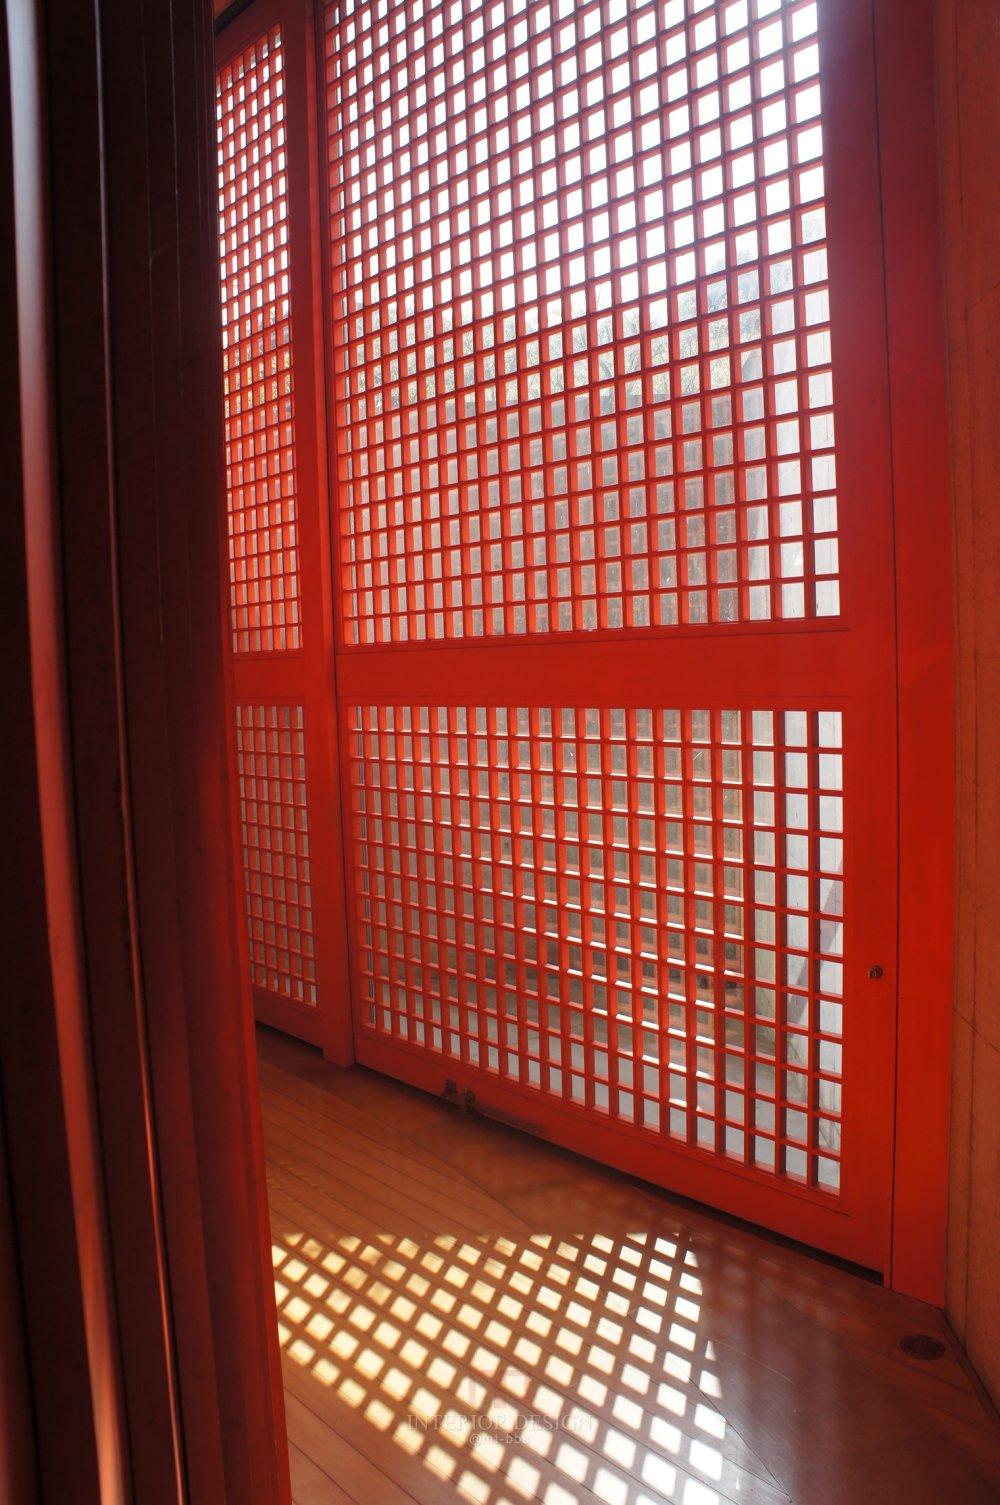 #伙伴一起看日本#  日本设计考察分享(更新美秀美术馆)_DSC05827.JPG